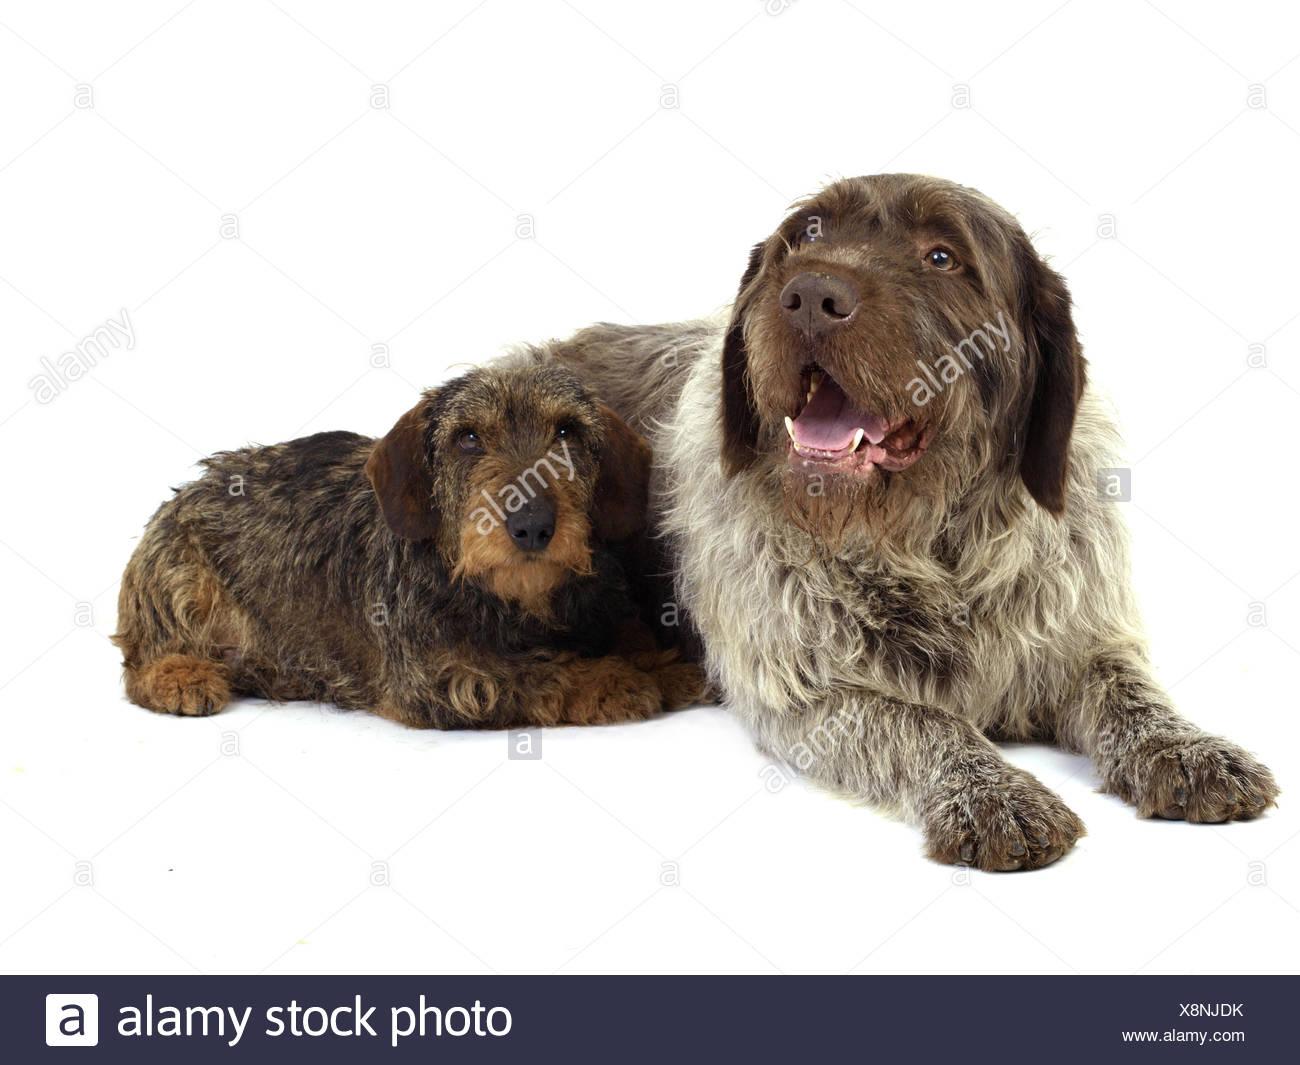 Hunting dog breeds - Stock Image